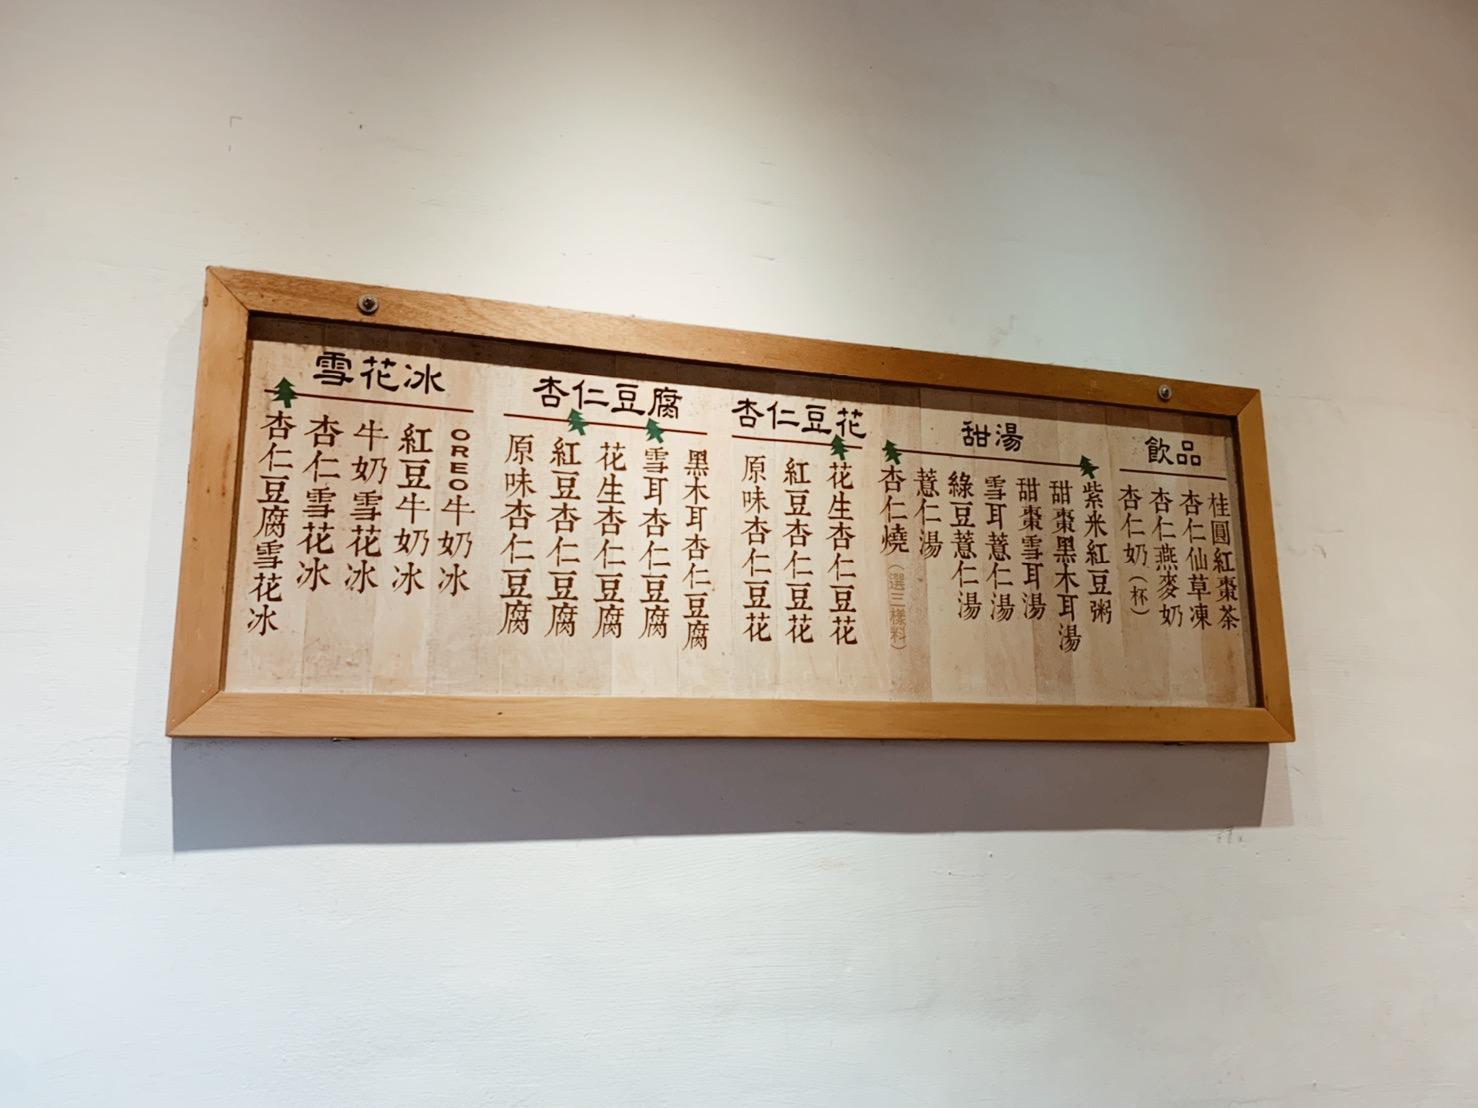 《台北のカフェ》レトロかわいい「迪化街」のおしゃれなカフェ&スイーツ店をご紹介♪【 #TOKYOPANDA のおすすめ台湾情報 】_10